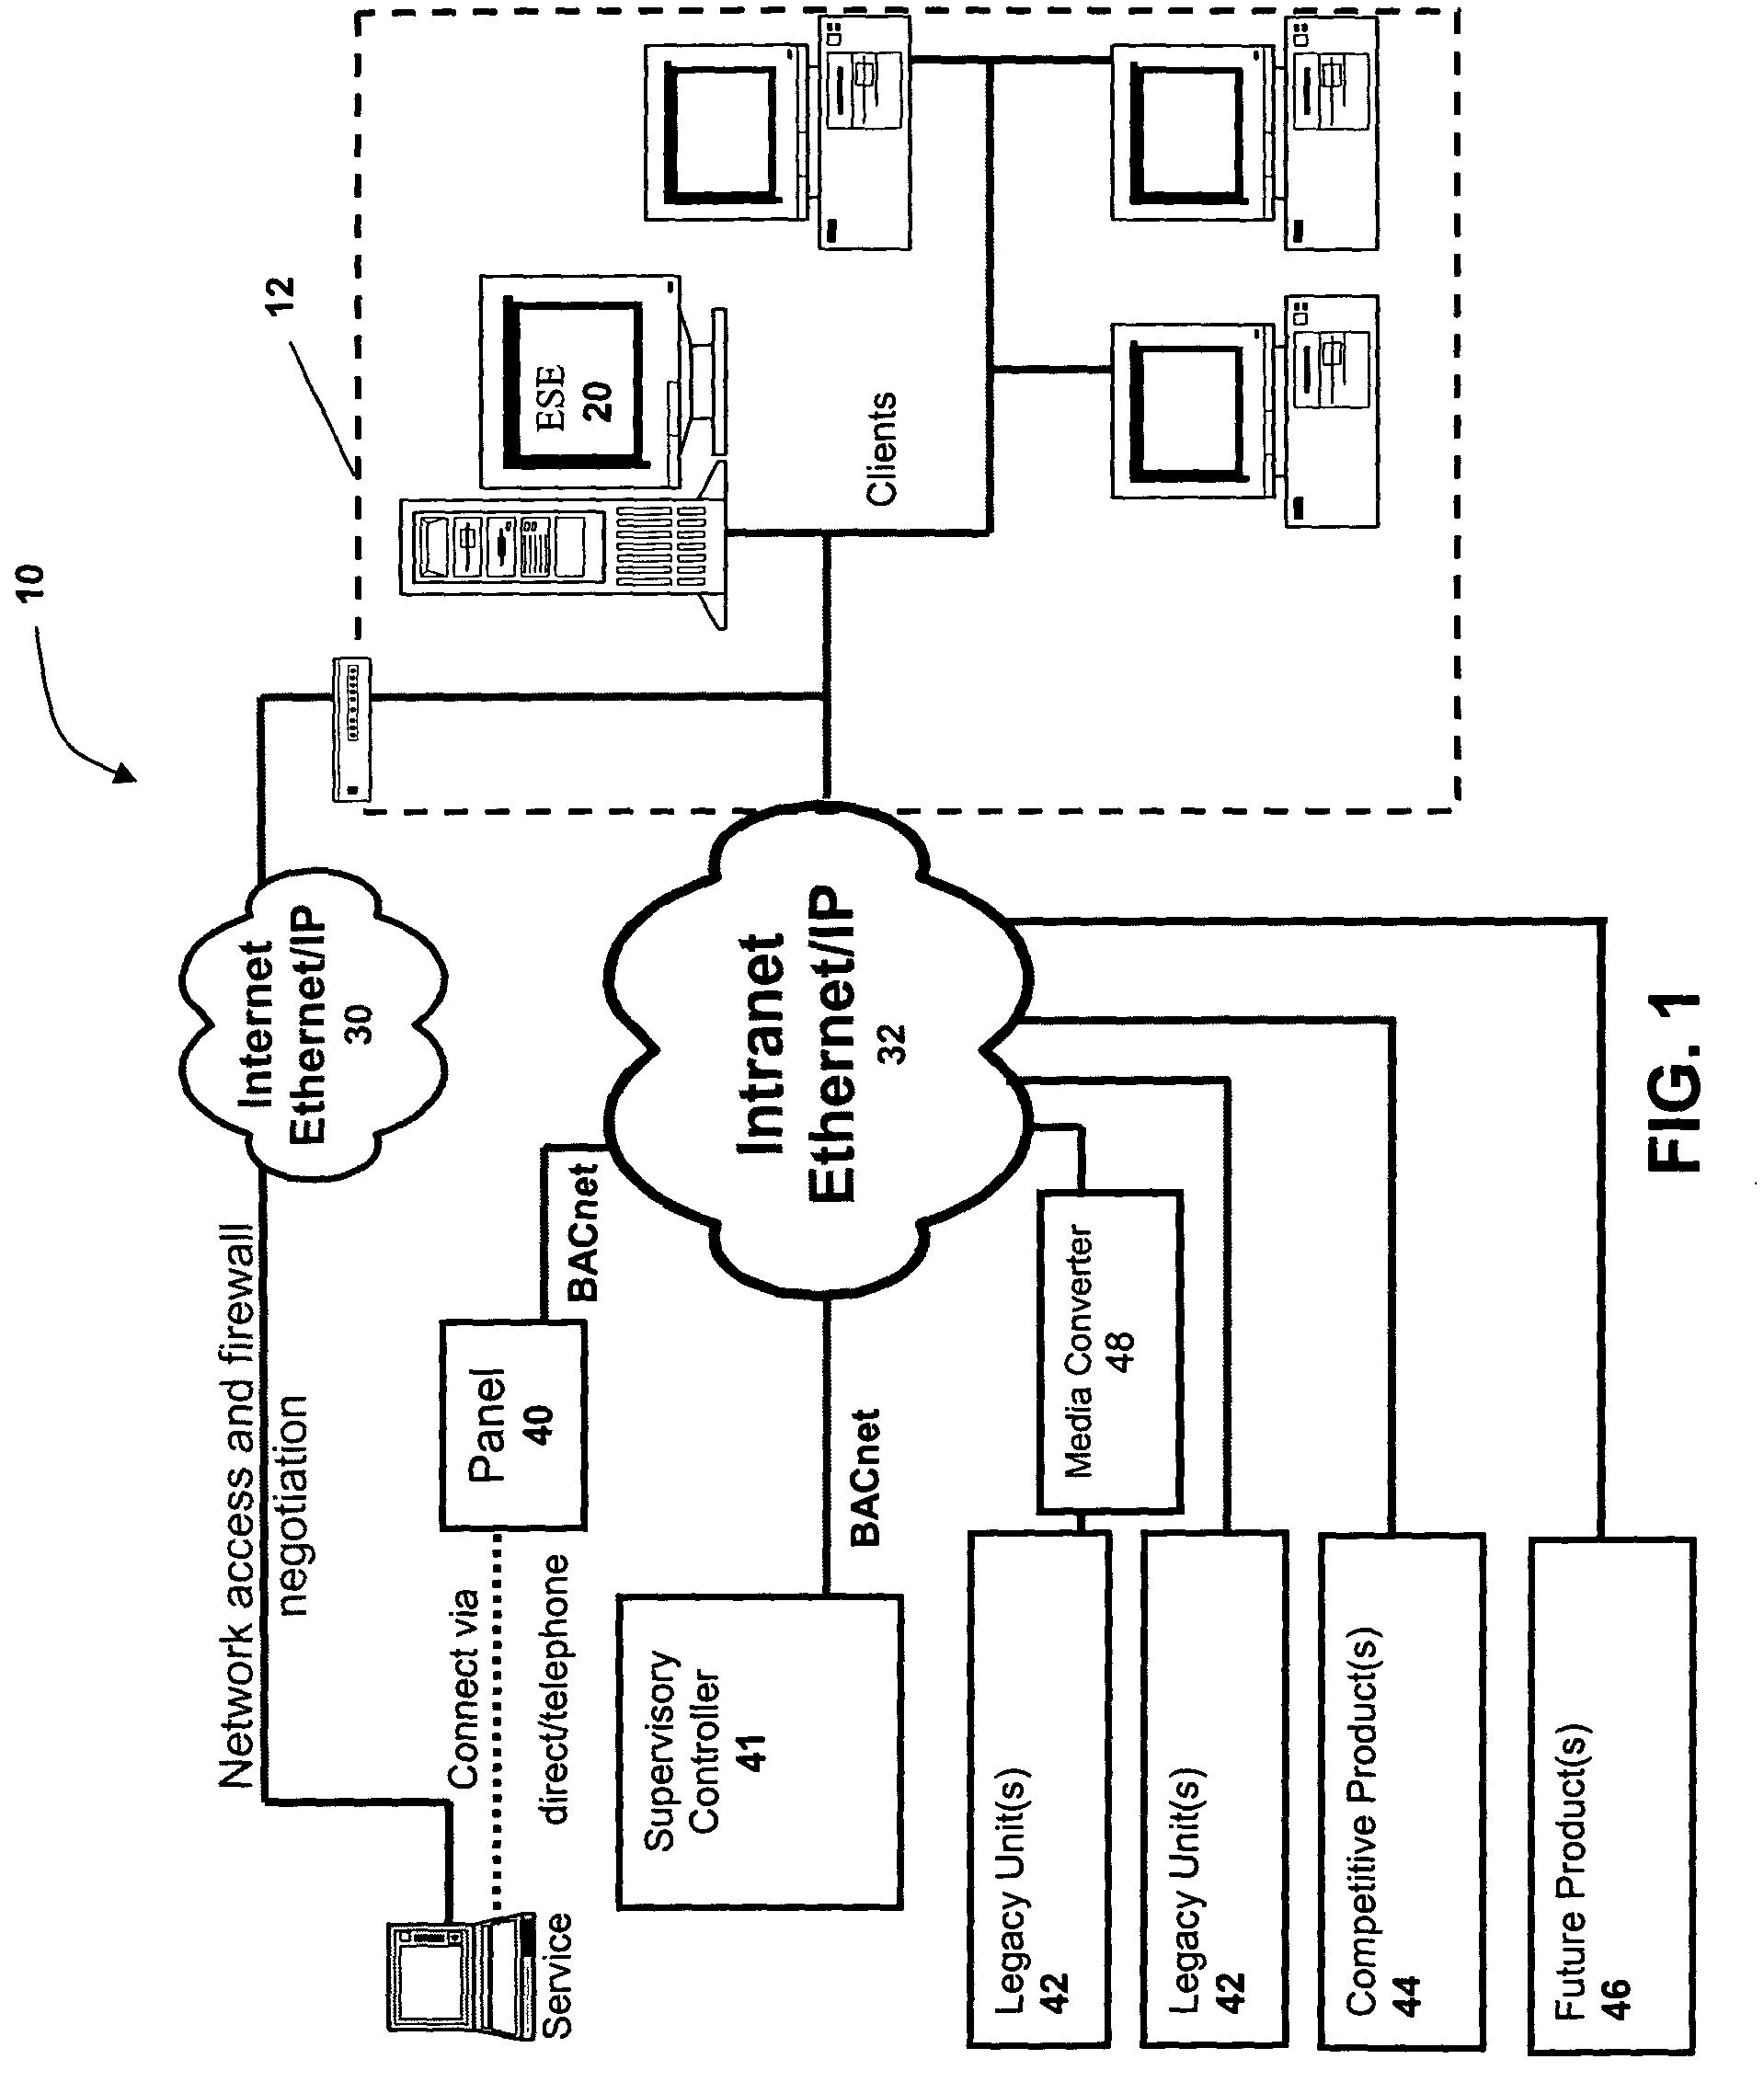 patent us8050801